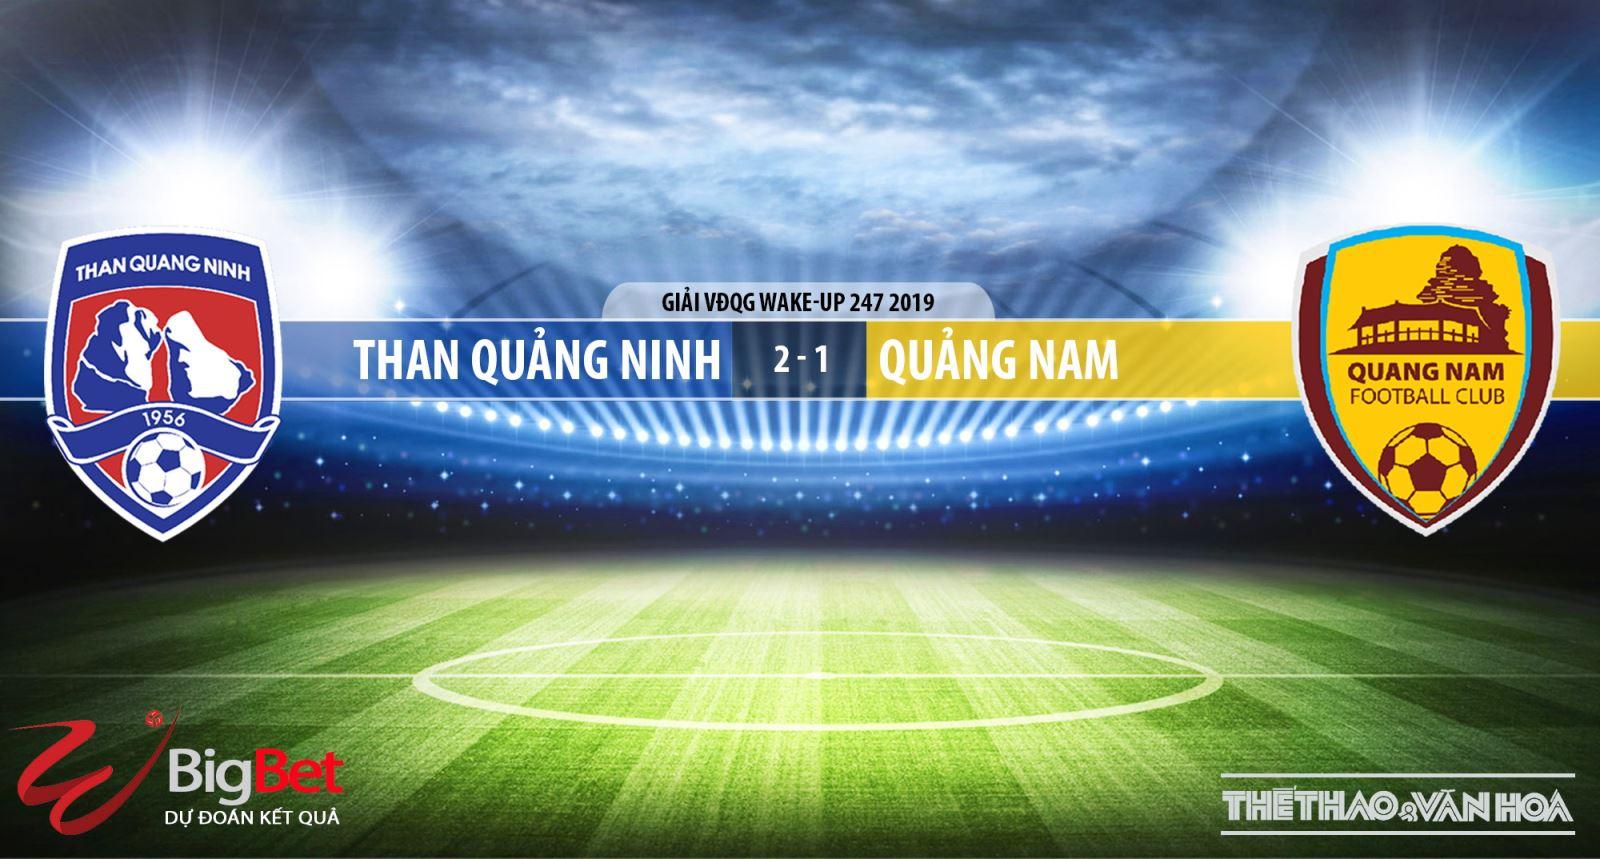 truc tiep bong da hôm nay, VTV6, Than Quảng Ninh đấu vớiQuảng Nam, trực tiếp bóng đá, Than Quảng Ninh vs Quảng Nam, soi keo bong da, HAGL, xem bóng đá trực tiếp, V League